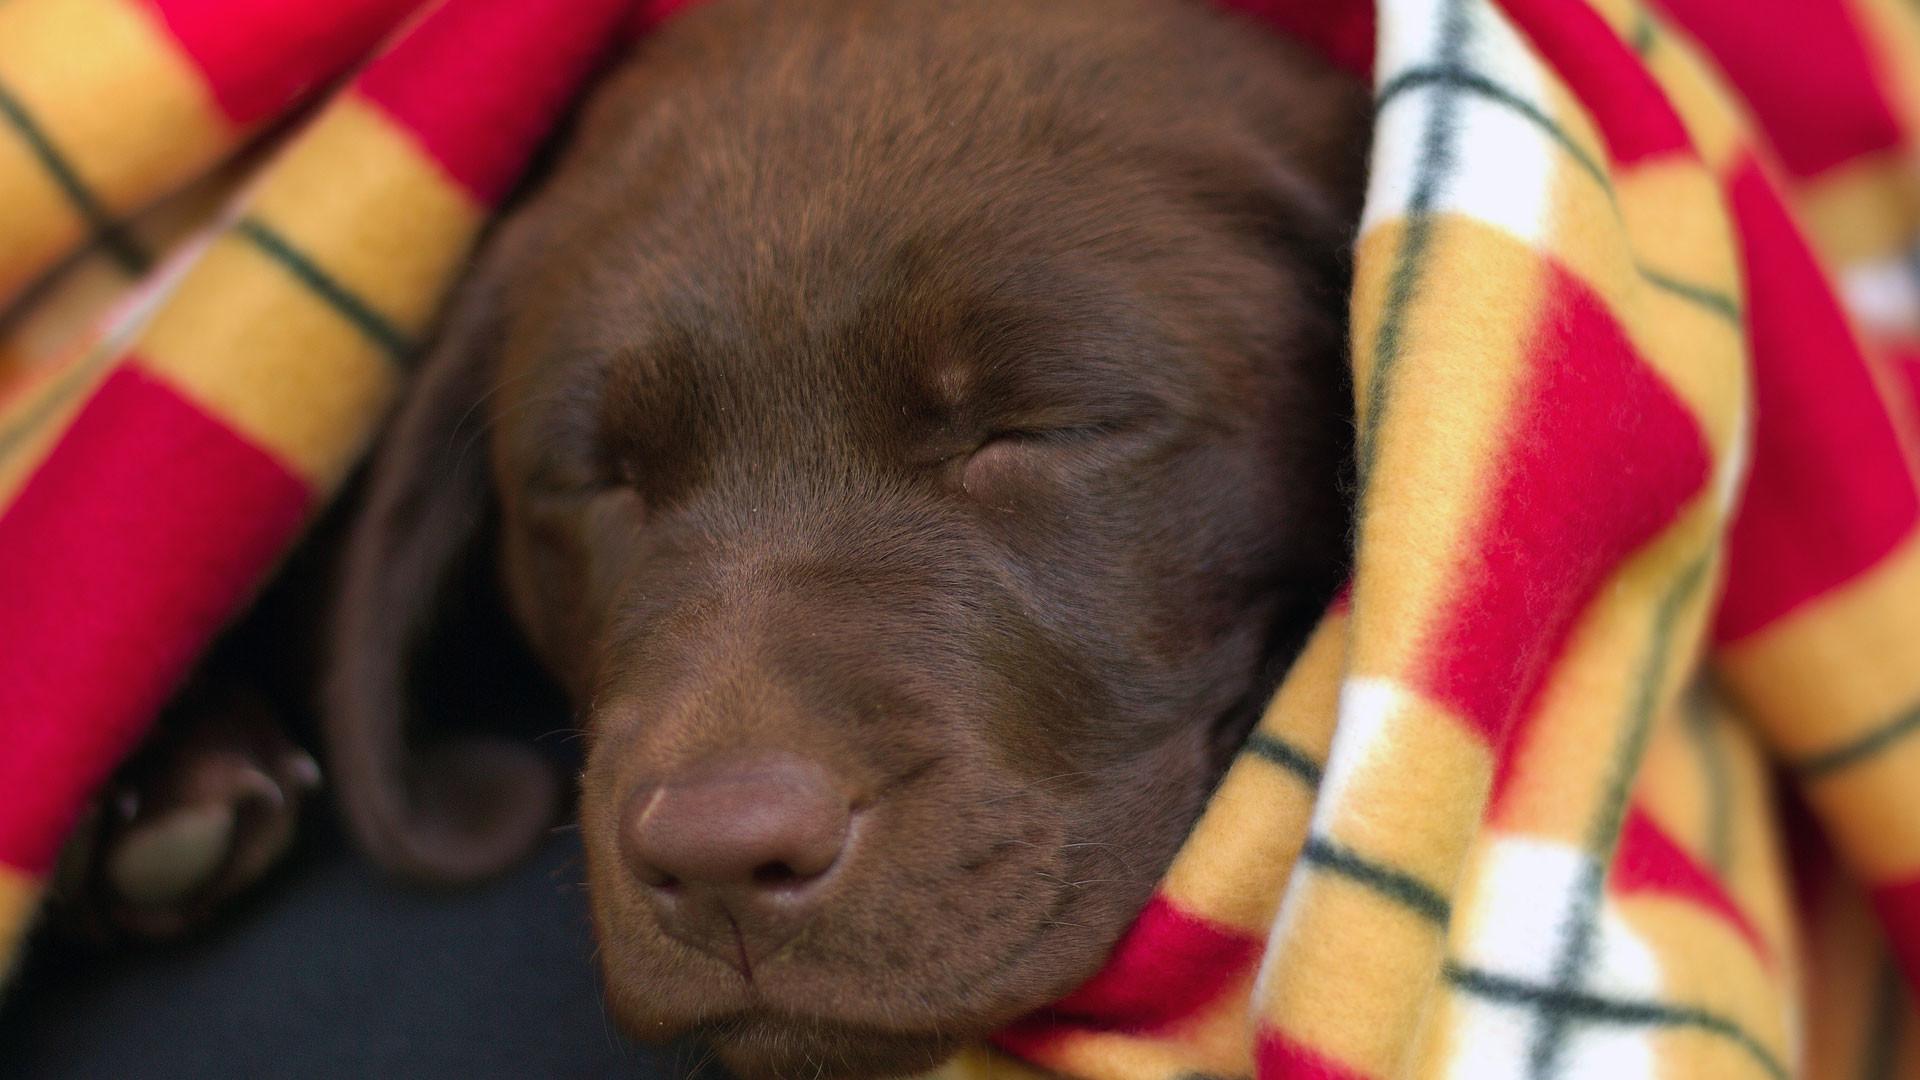  1680×1050  1440×900  1280×1024   800×600. Description: A chocolate  labrador retriever puppy …